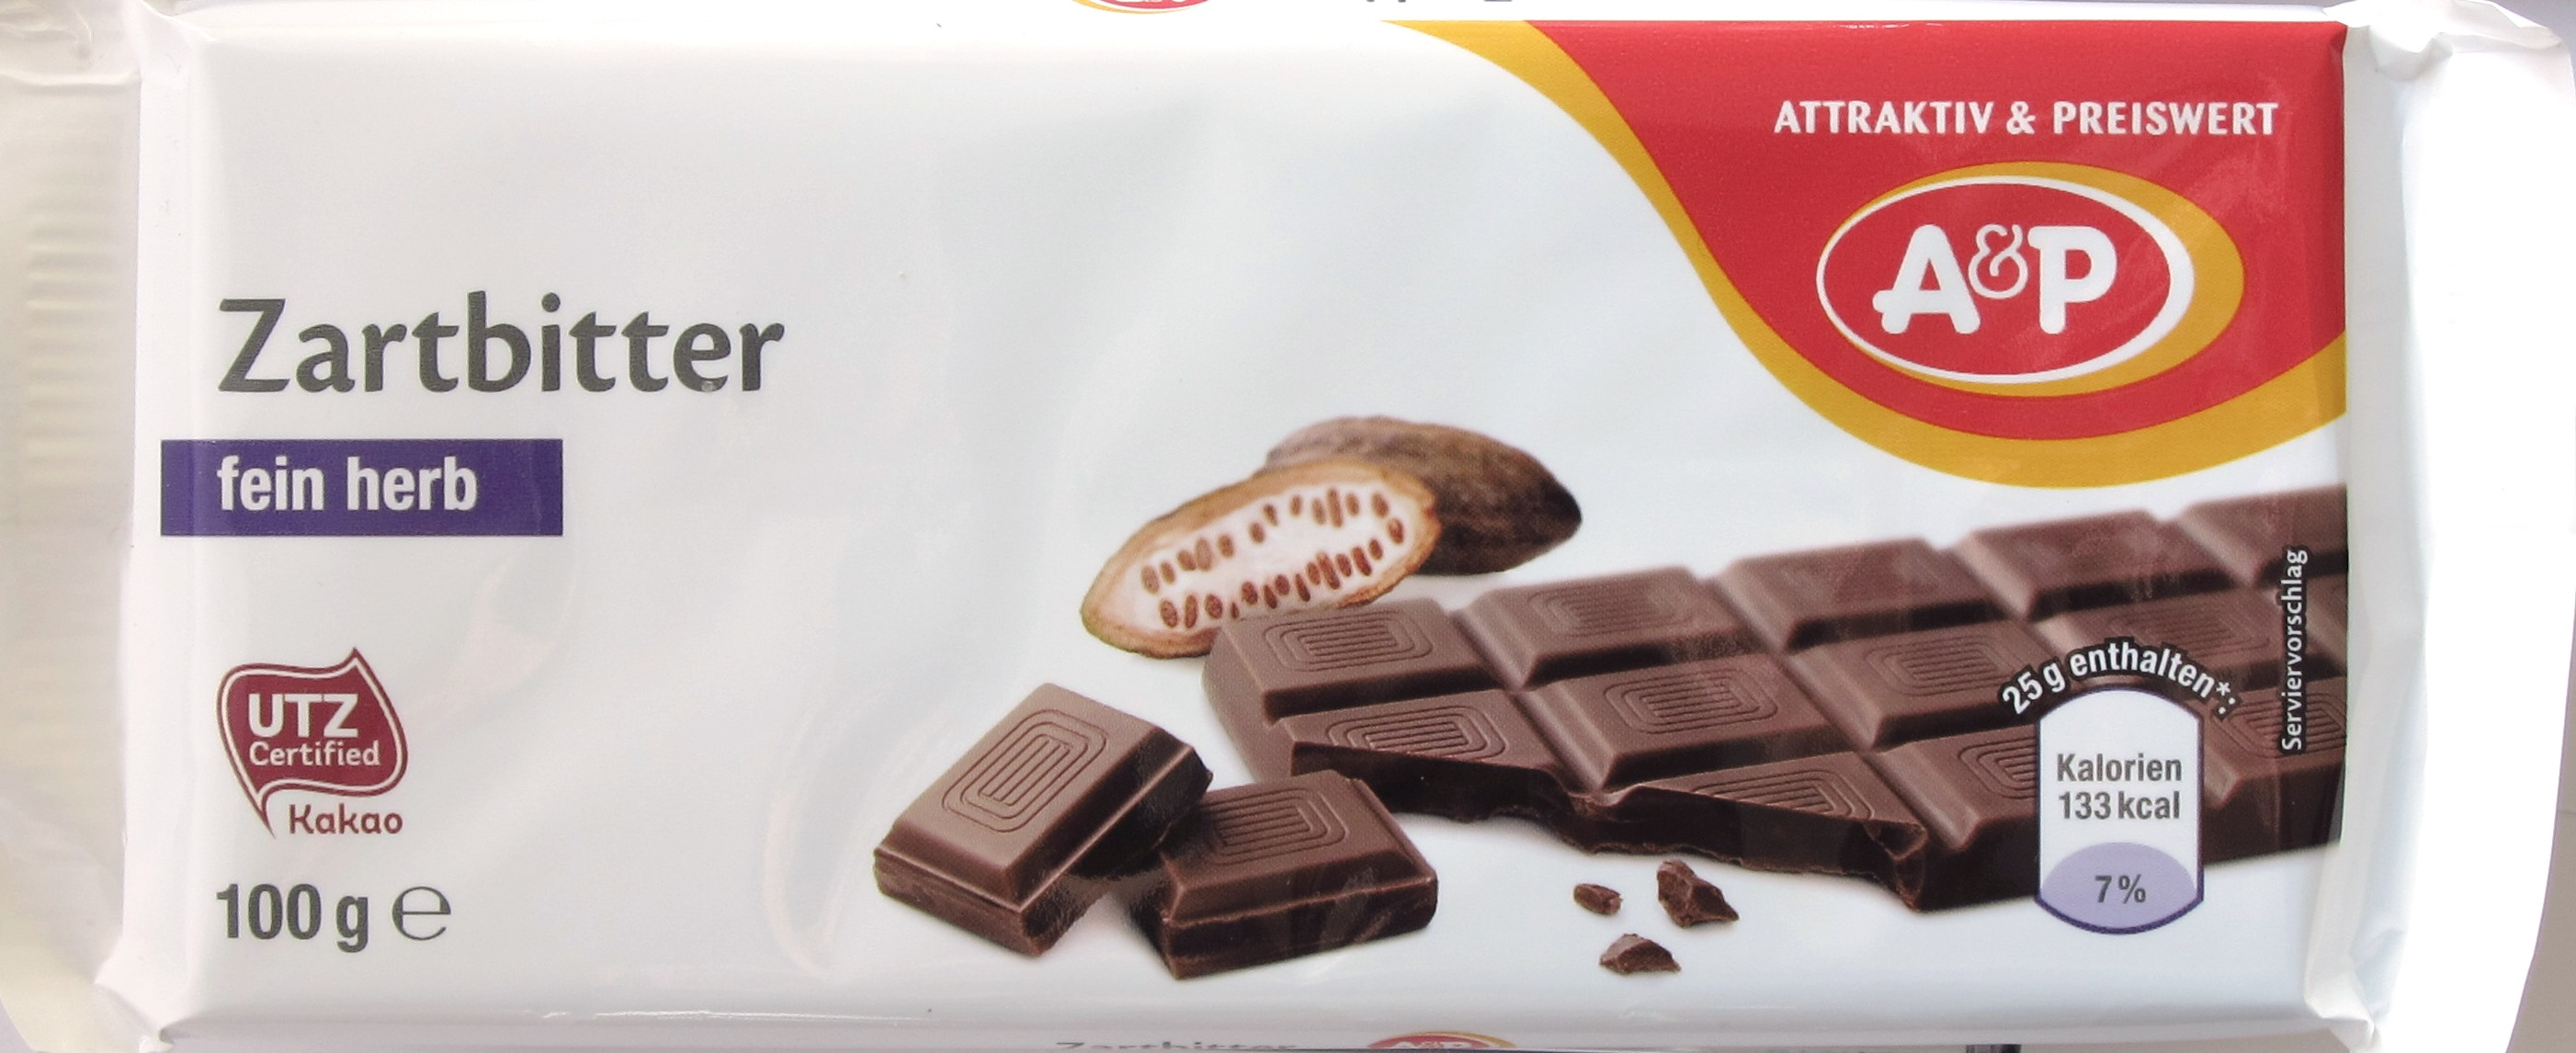 A&P Schokolade 50%